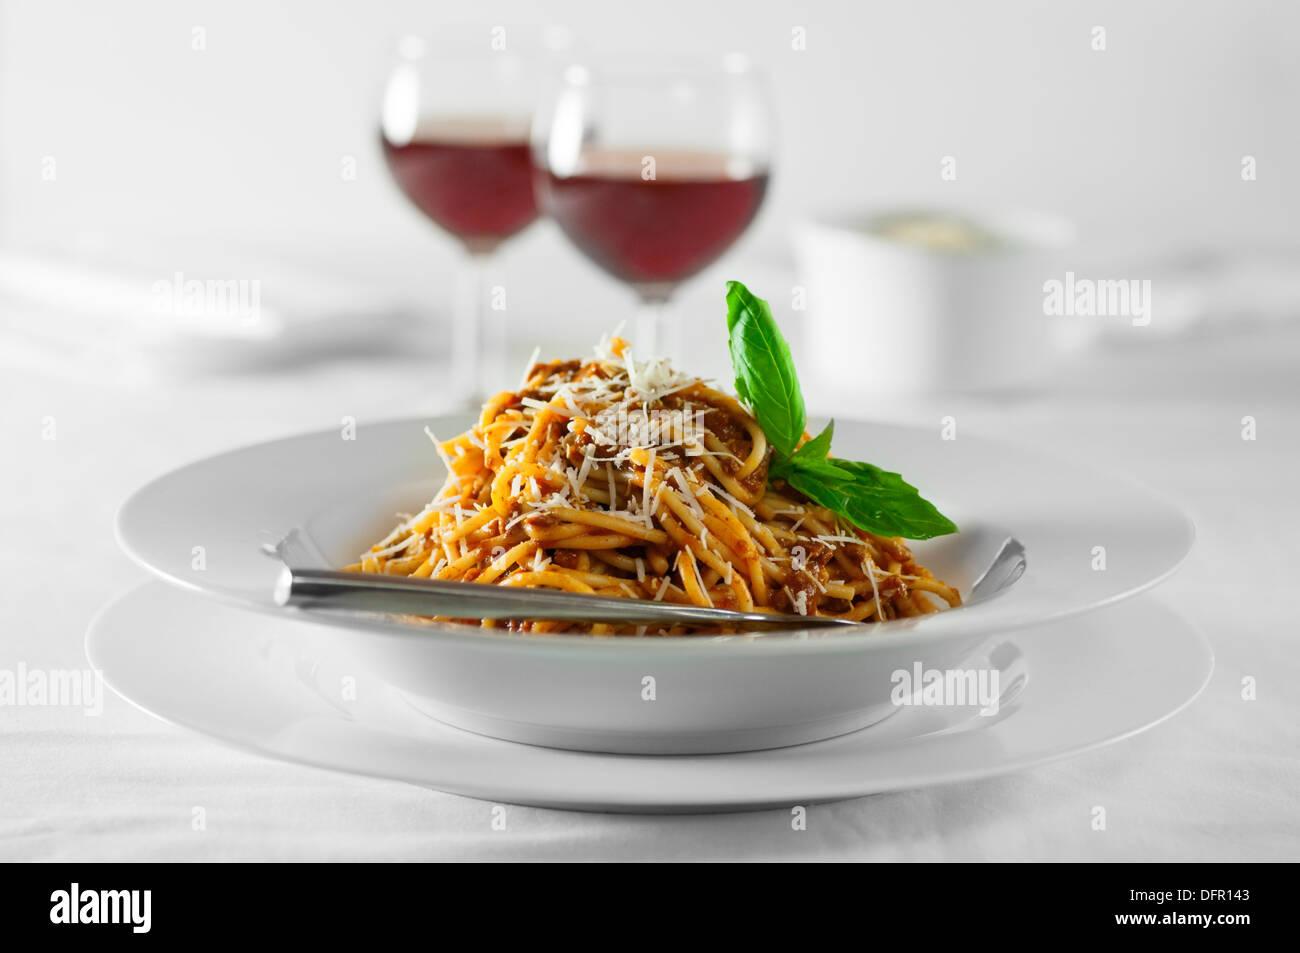 Spaghetti alla bolognese il cibo italiano Immagini Stock